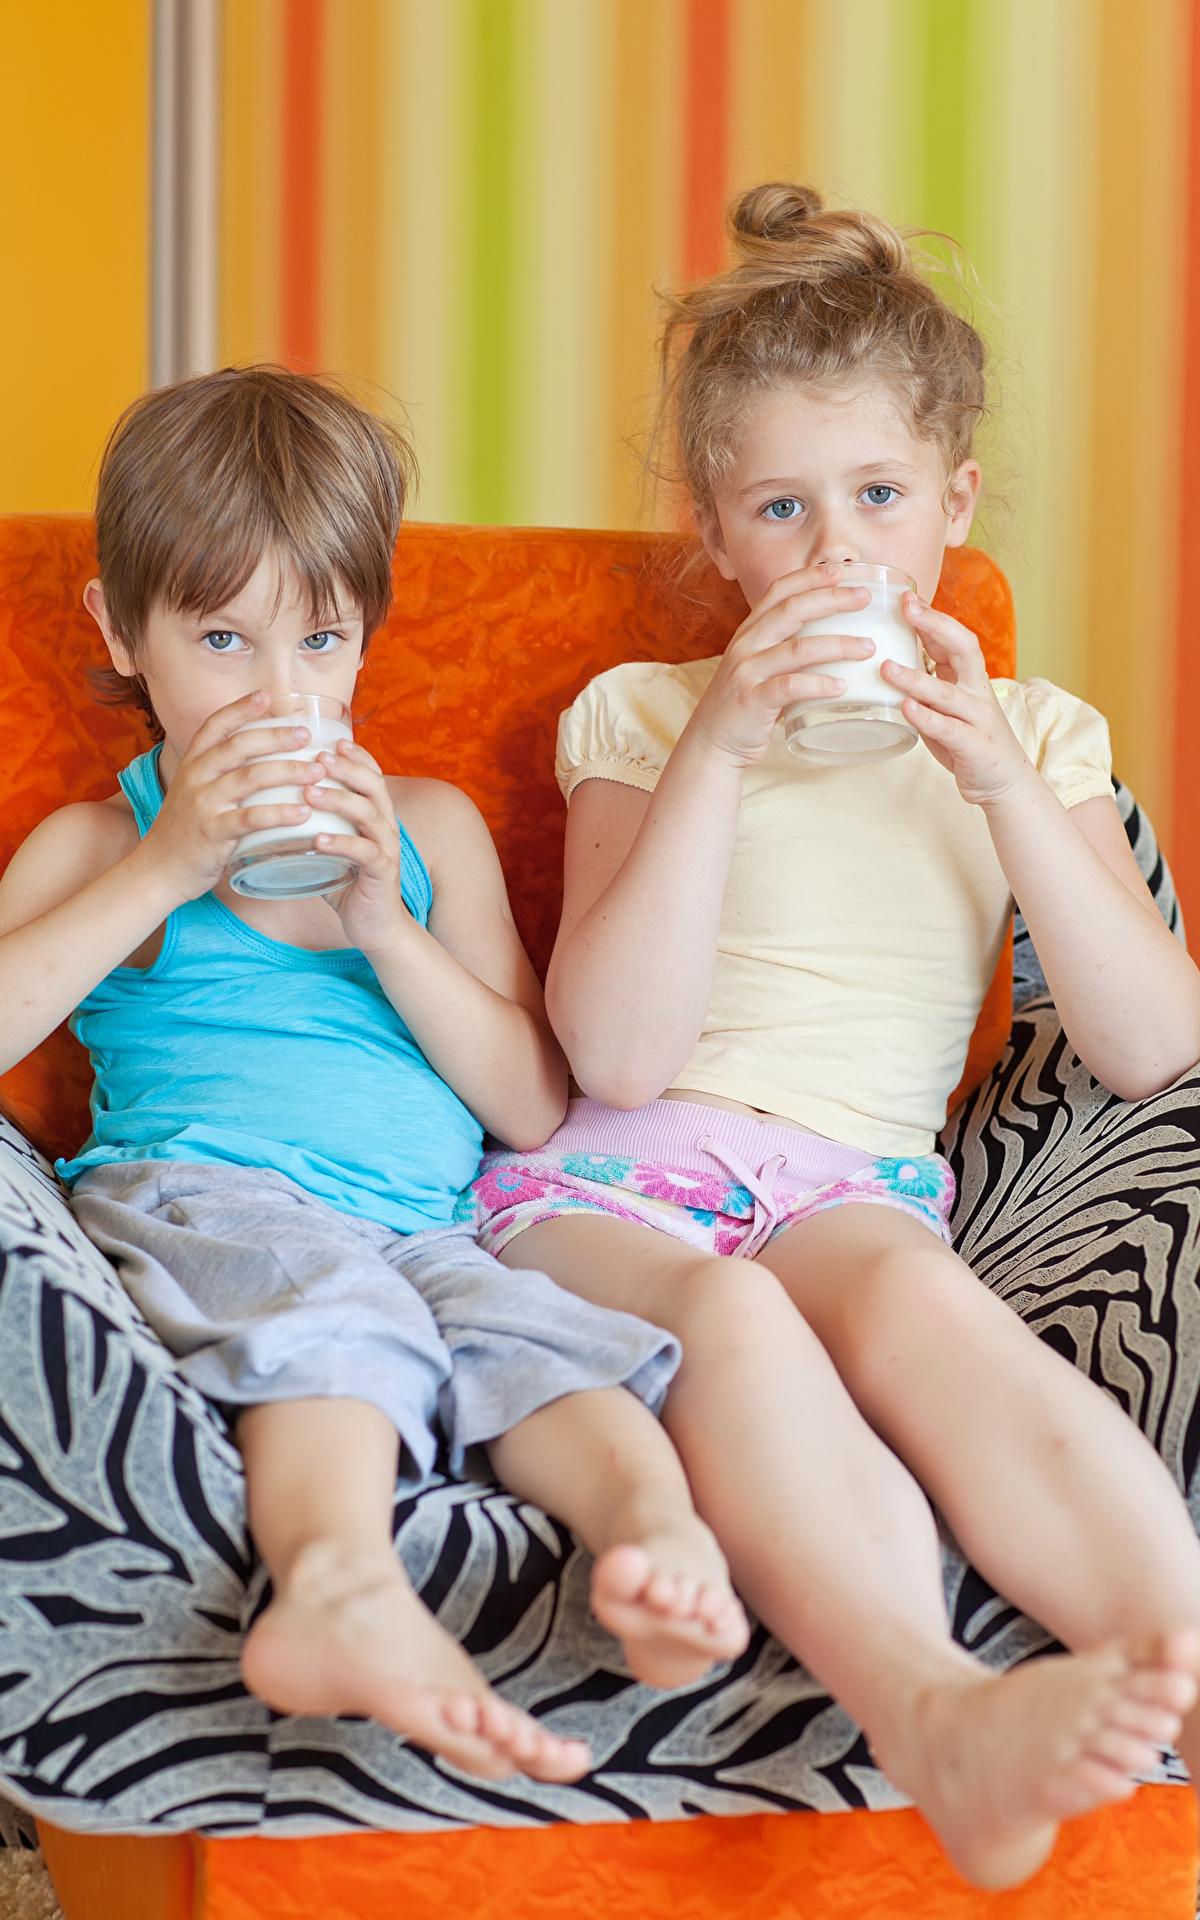 Fotos Milch Kleine Mädchen Junge Kinder Zwei Trinkglas Sitzend Blick 1200x1920 2 Starren